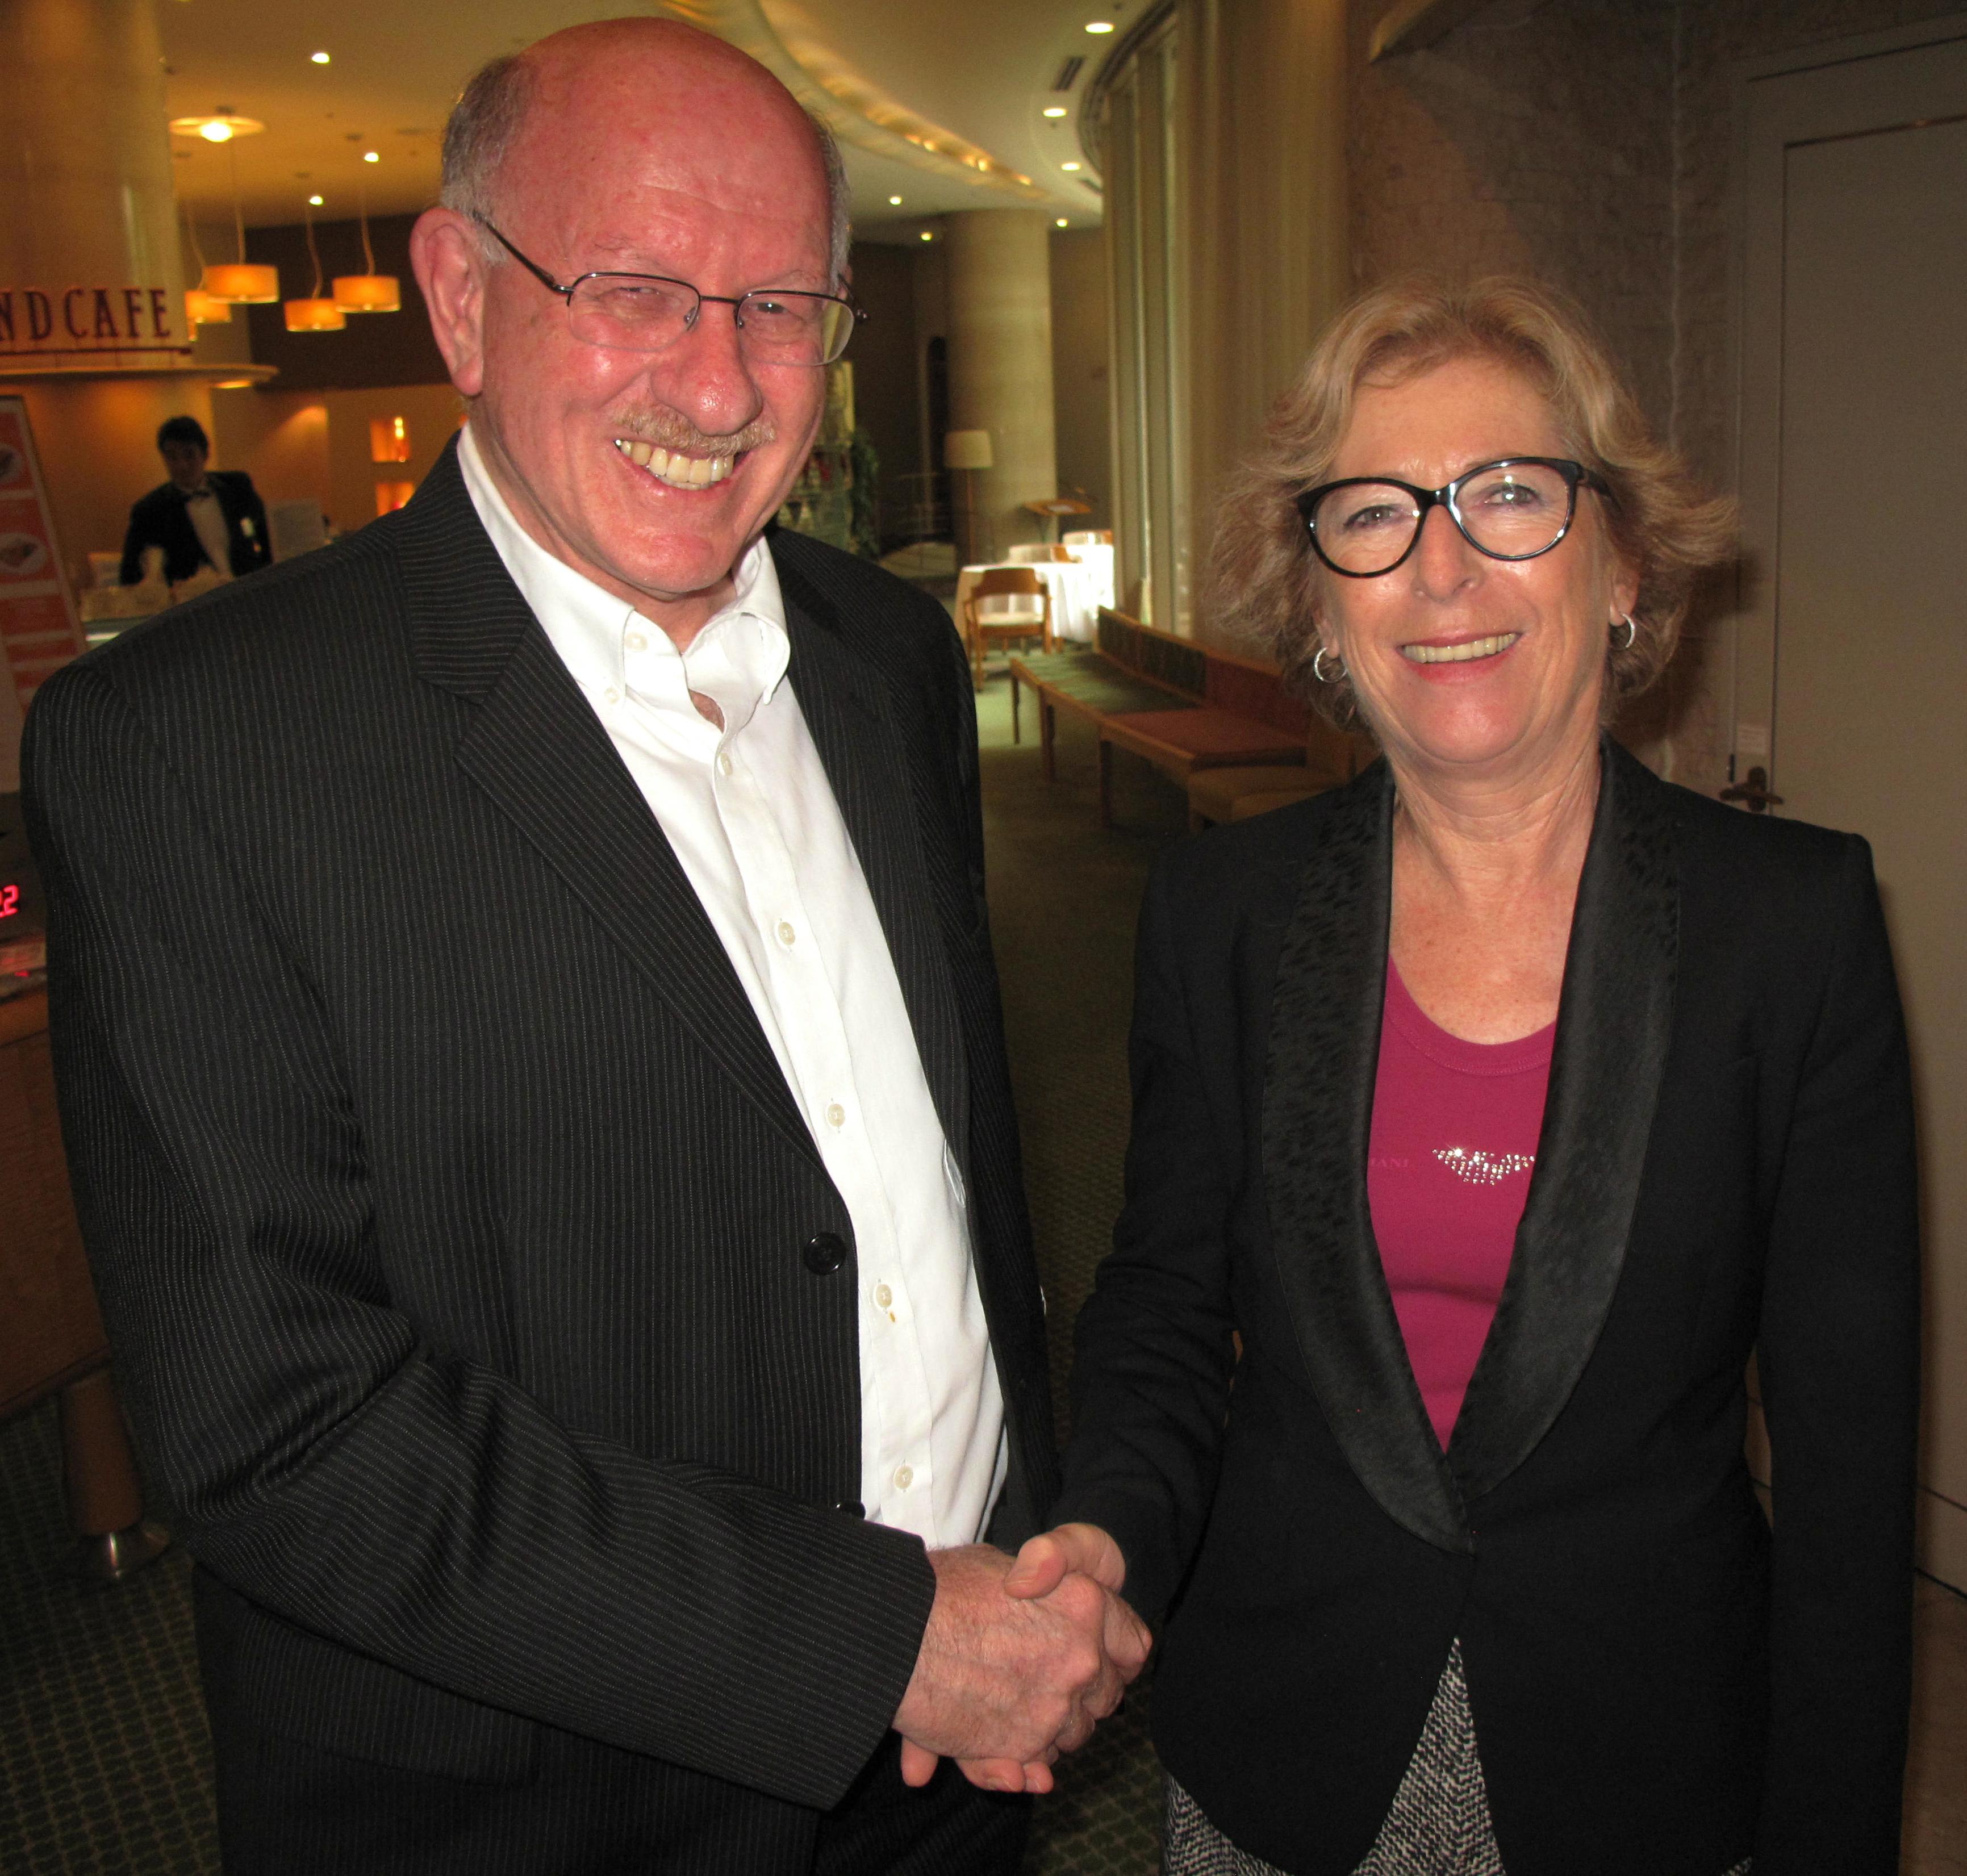 ドーファン学長と仏国のジュヌヴィエーヴ・フィオラゾ高等教育研究大臣 (6 Oct 2013)